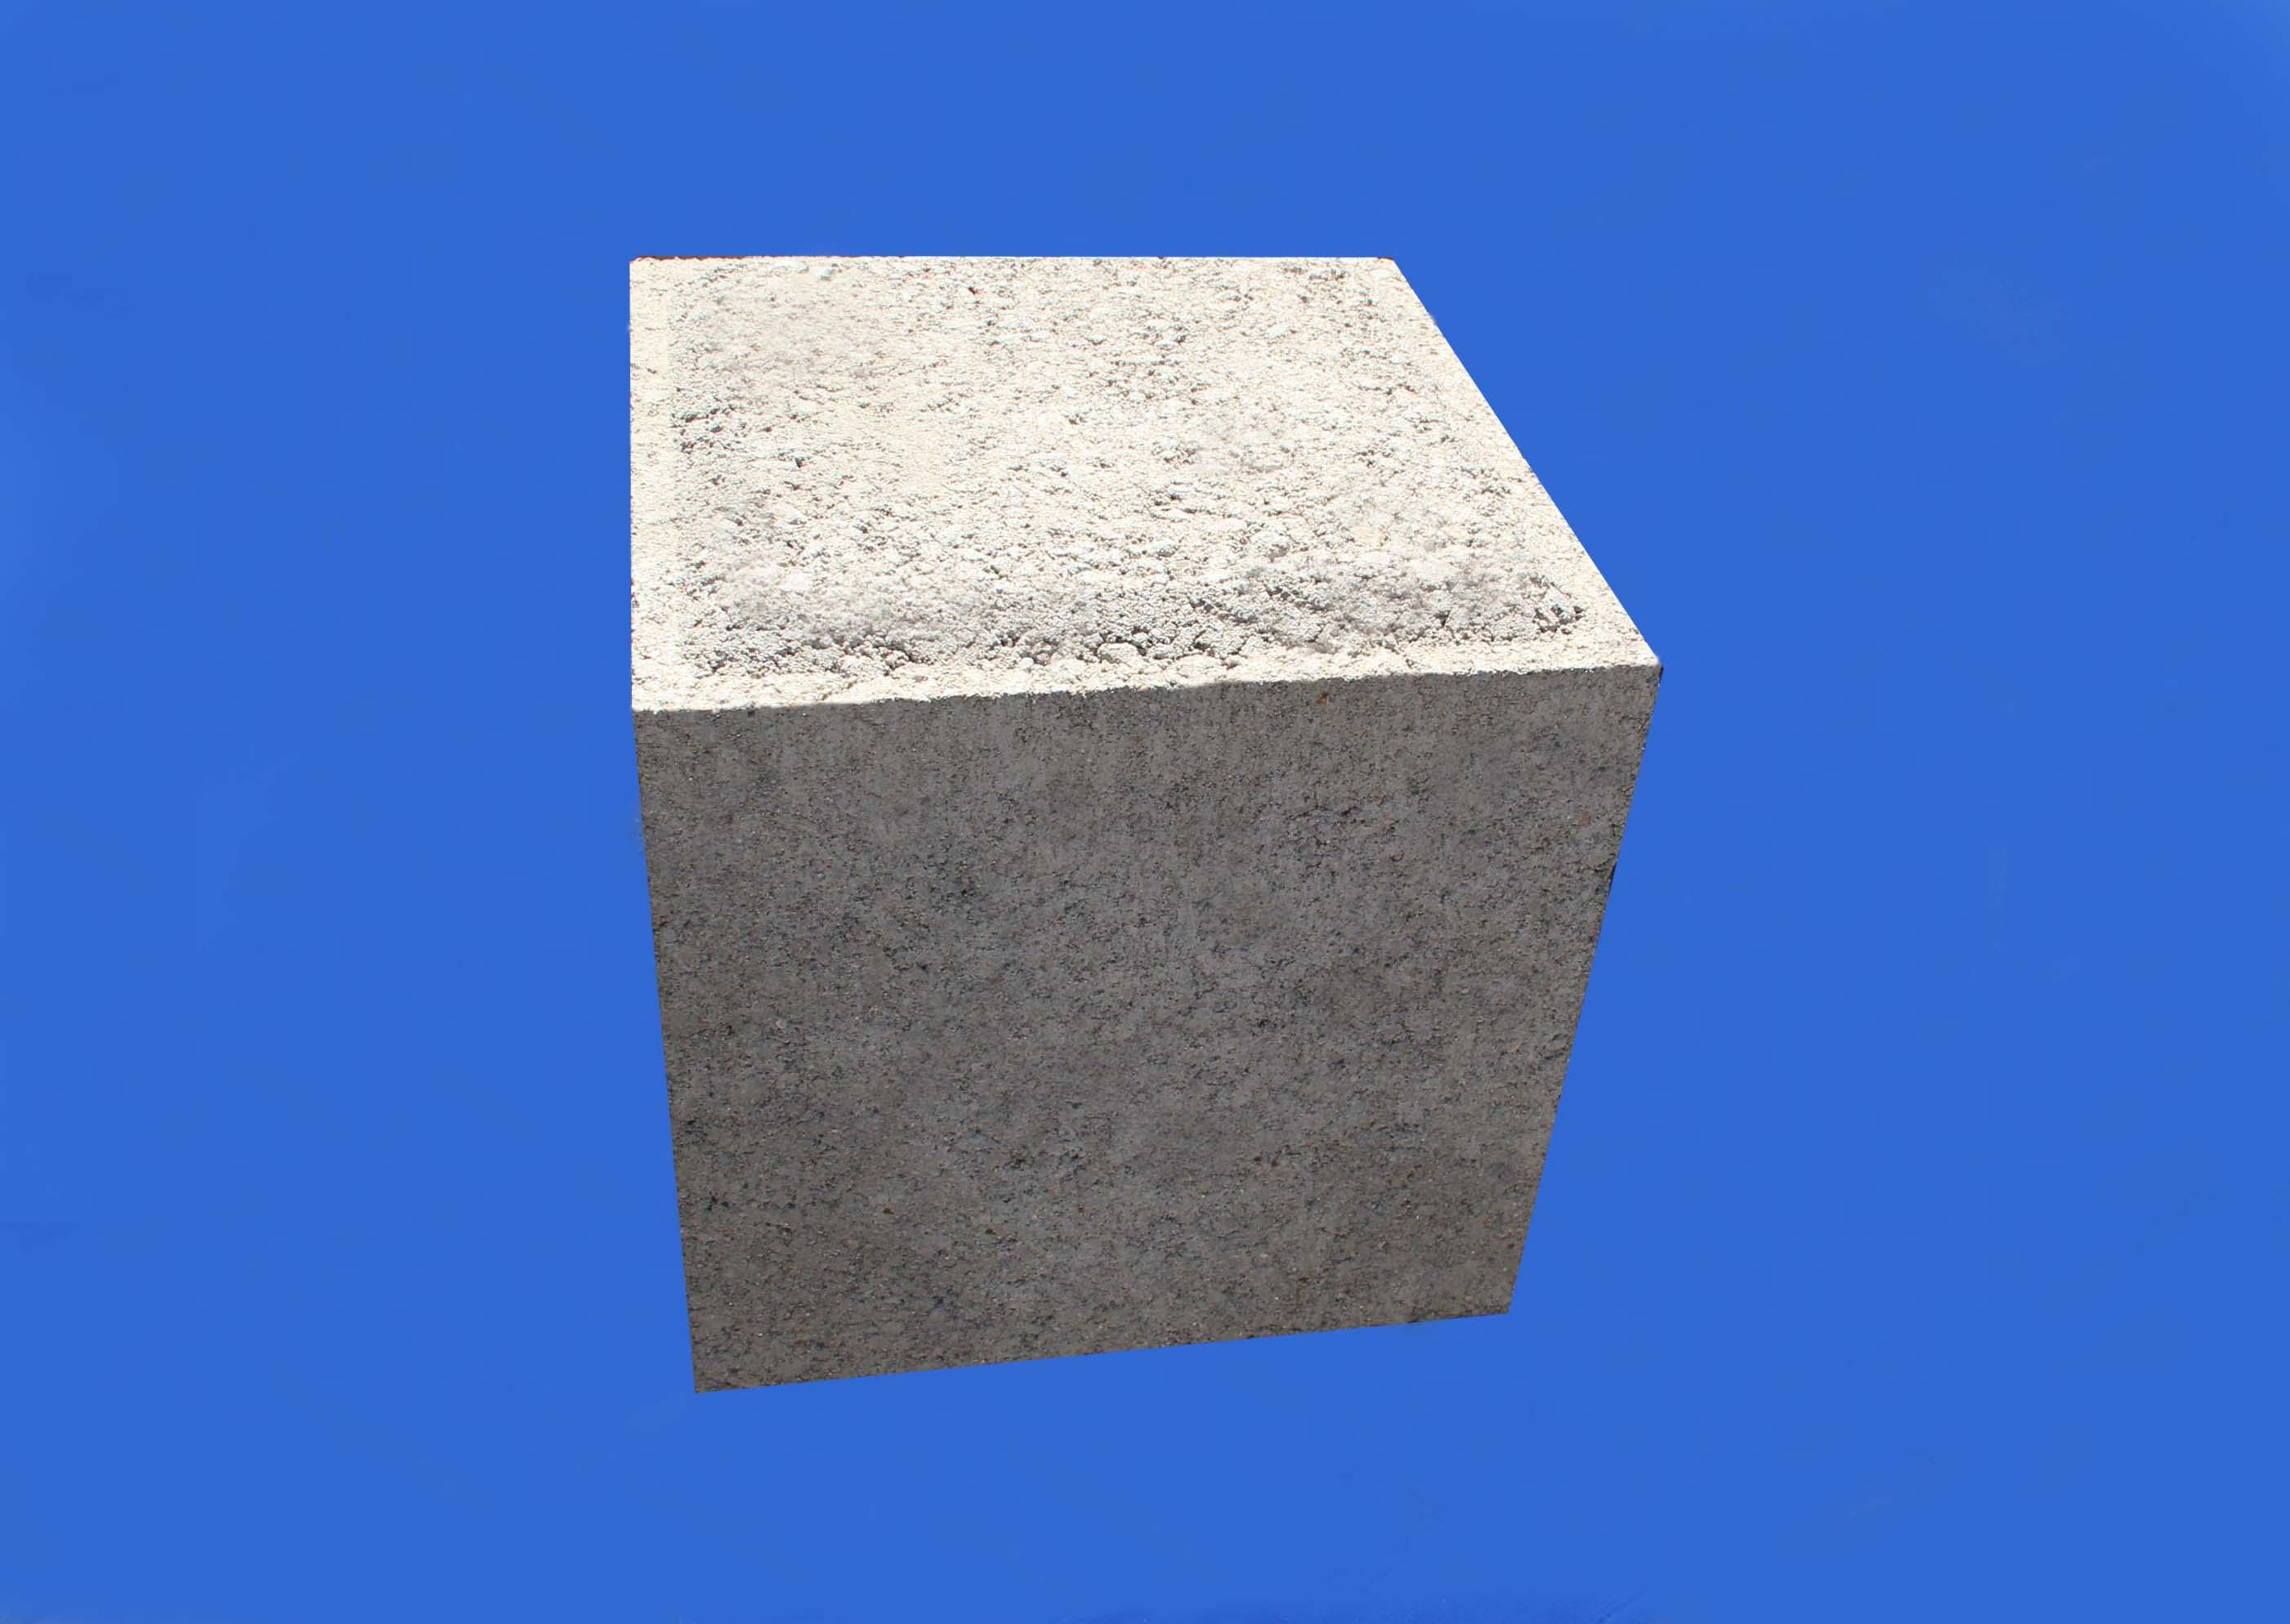 公路制品系列之方棱磚